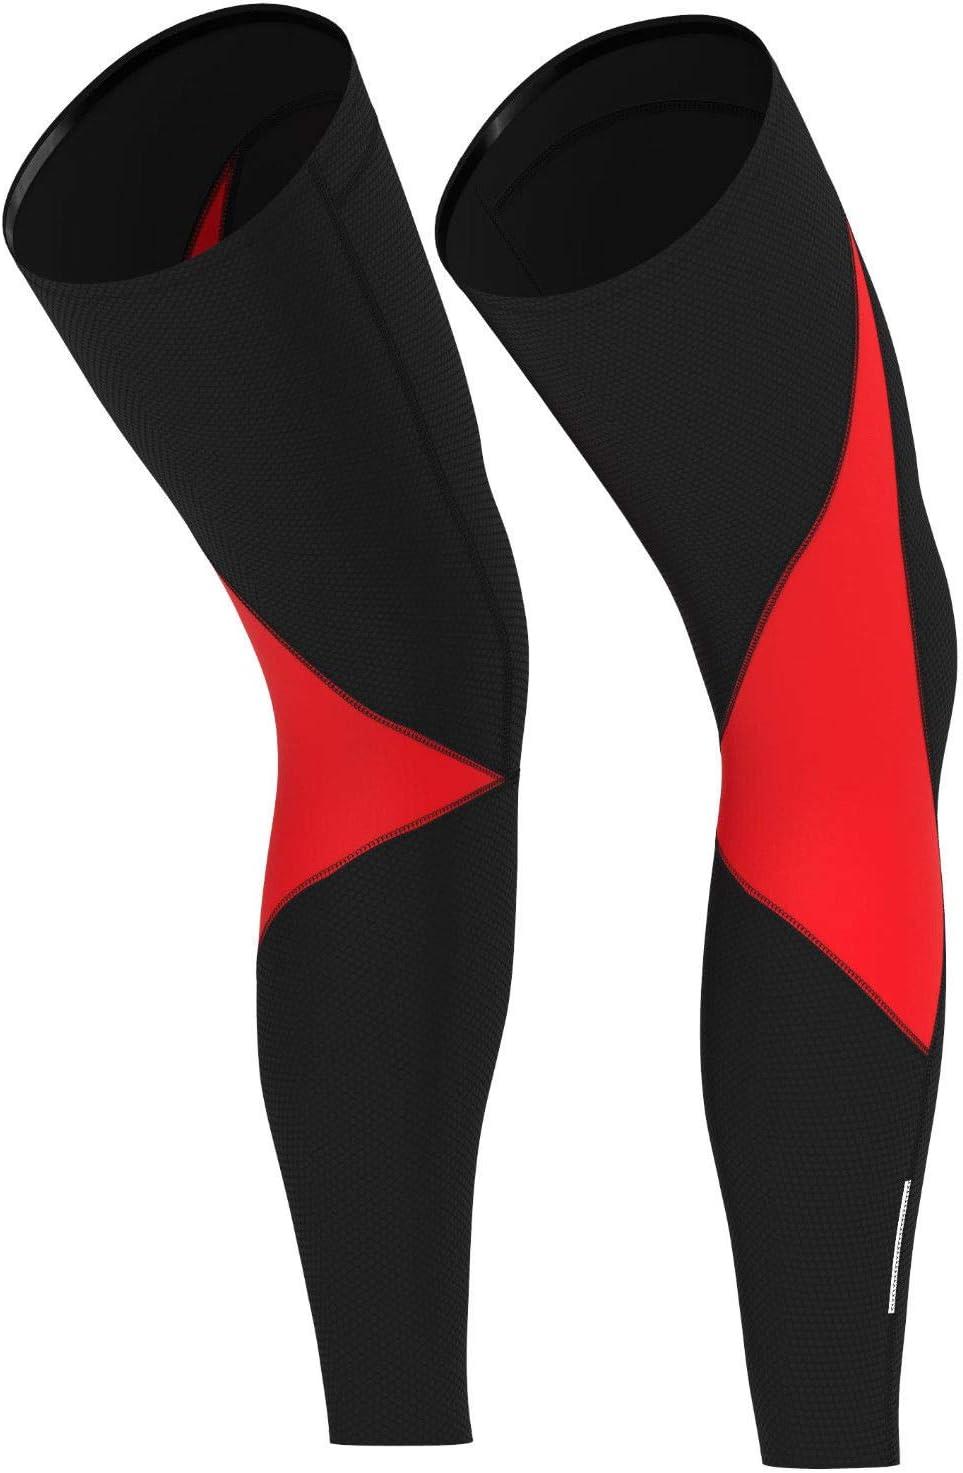 Deportes Hera Ropa Ciclismo Perneras T/érmicas Calentadores de Las piernas Medias de Invierno Ciclistas Hombre